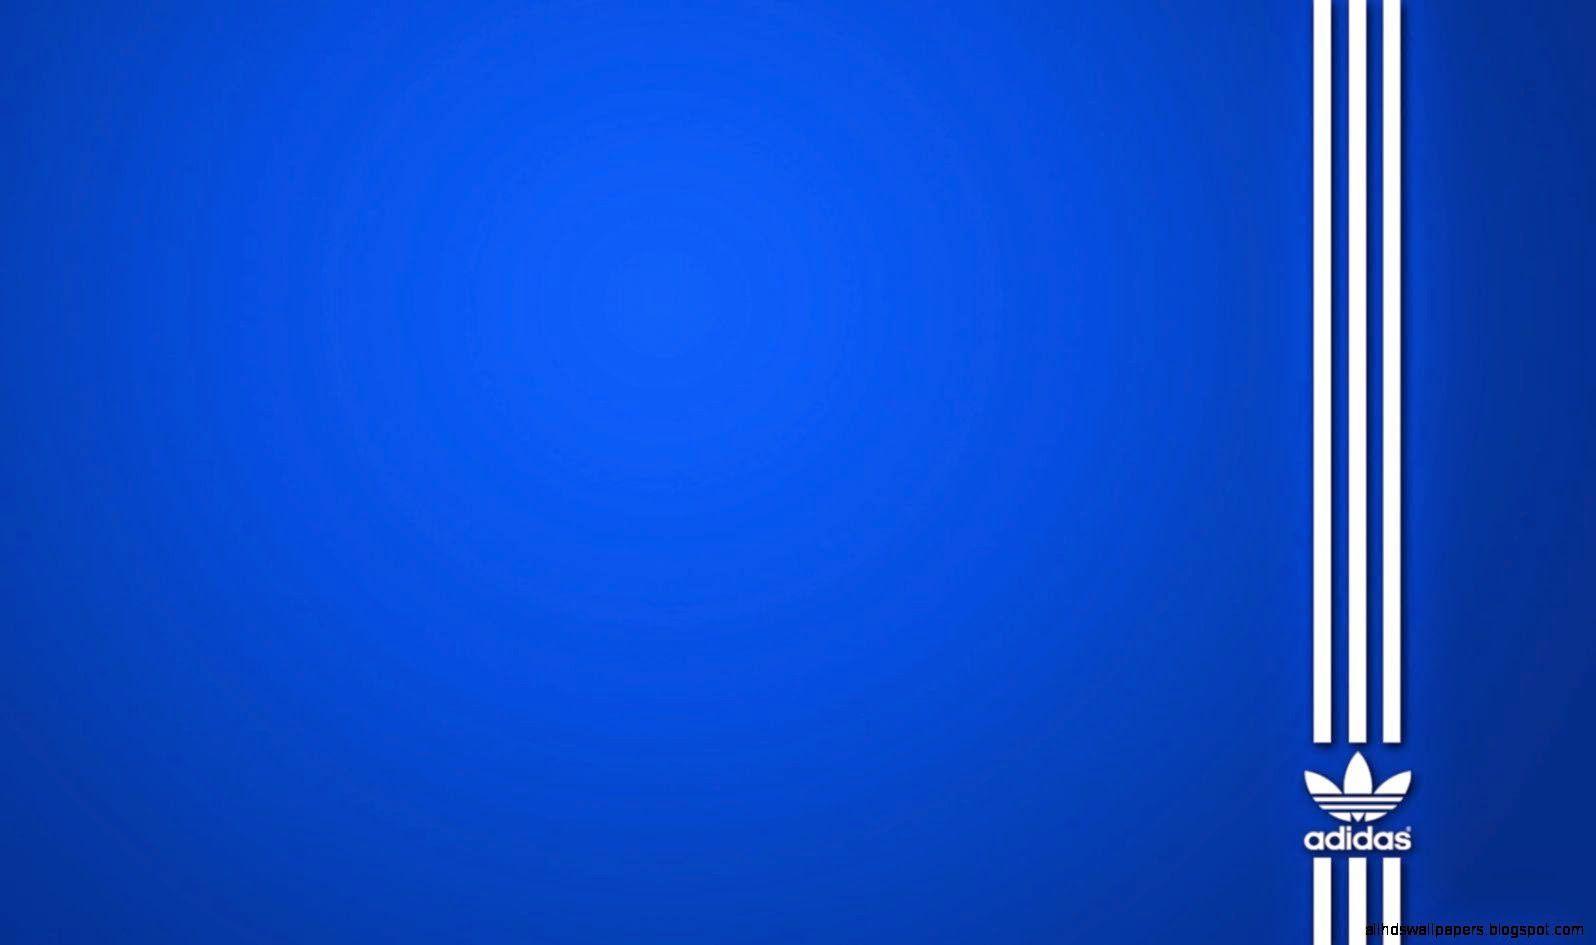 1596x945 Plain Blue Wallpaper HD Group, Tải xuống miễn phí